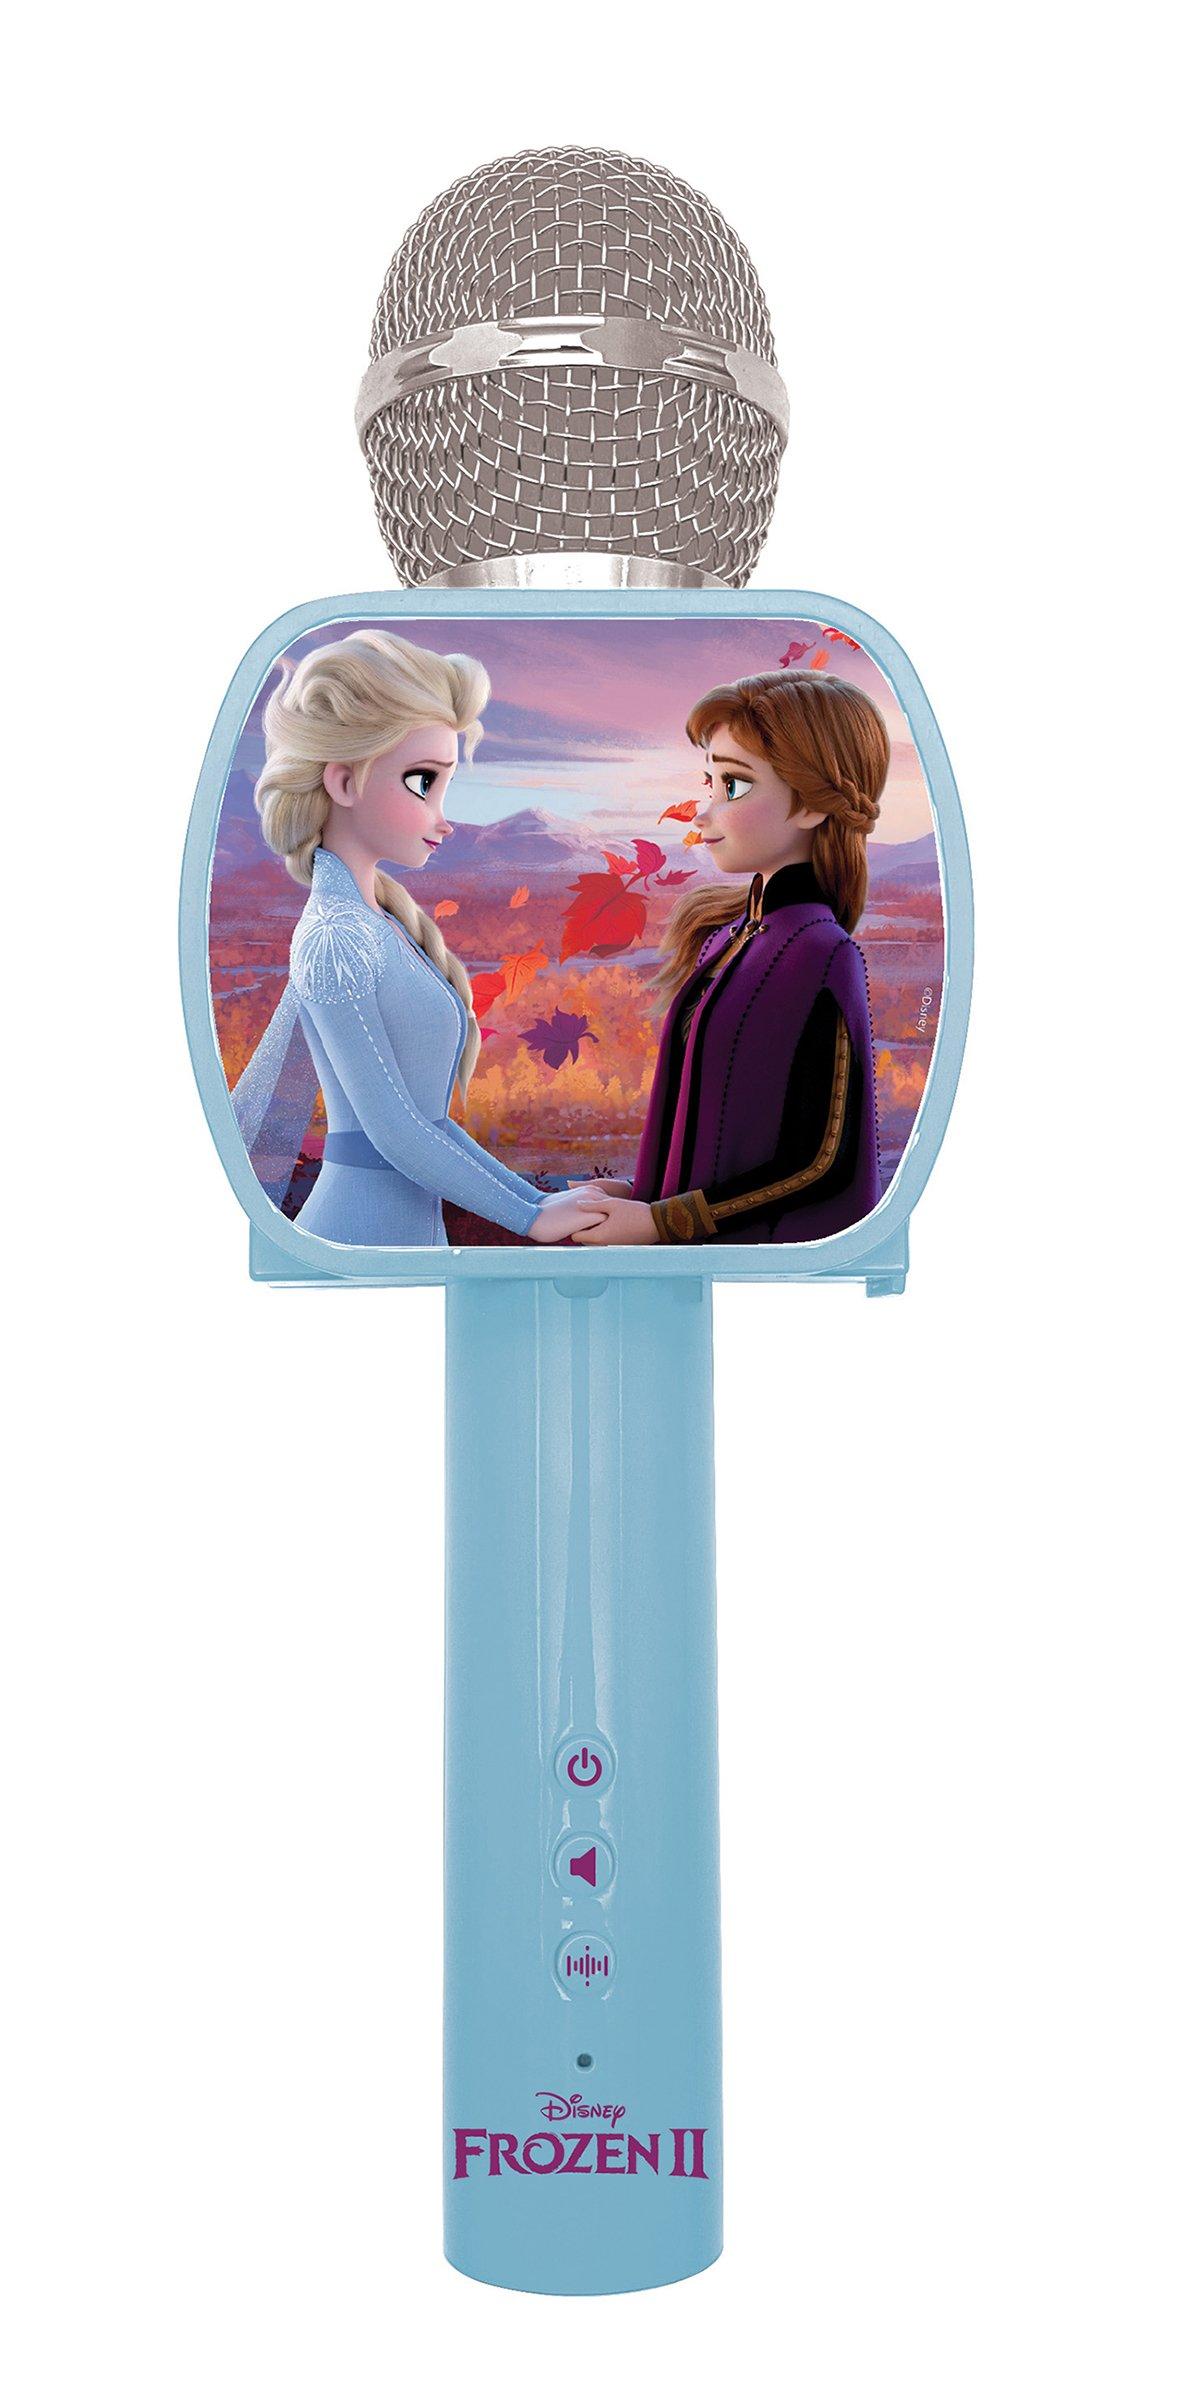 Lexibook - Disney Frozen Wireless Karaoke Microphone with Bluetooth® Speaker built-in (MIC240FZ)